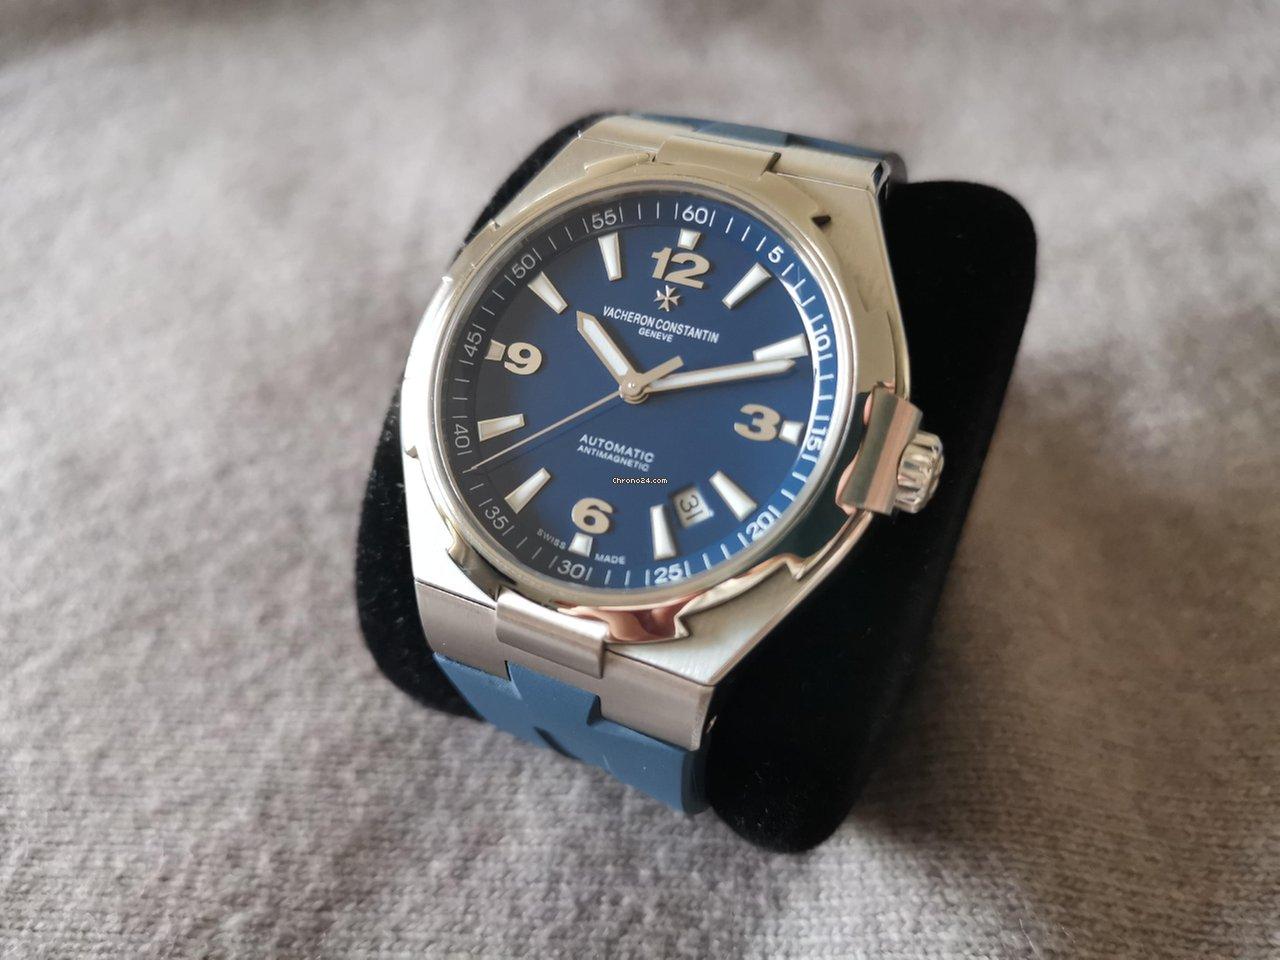 1f19e22d3470 Relojes Vacheron Constantin - Precios de todos los relojes Vacheron  Constantin en Chrono24